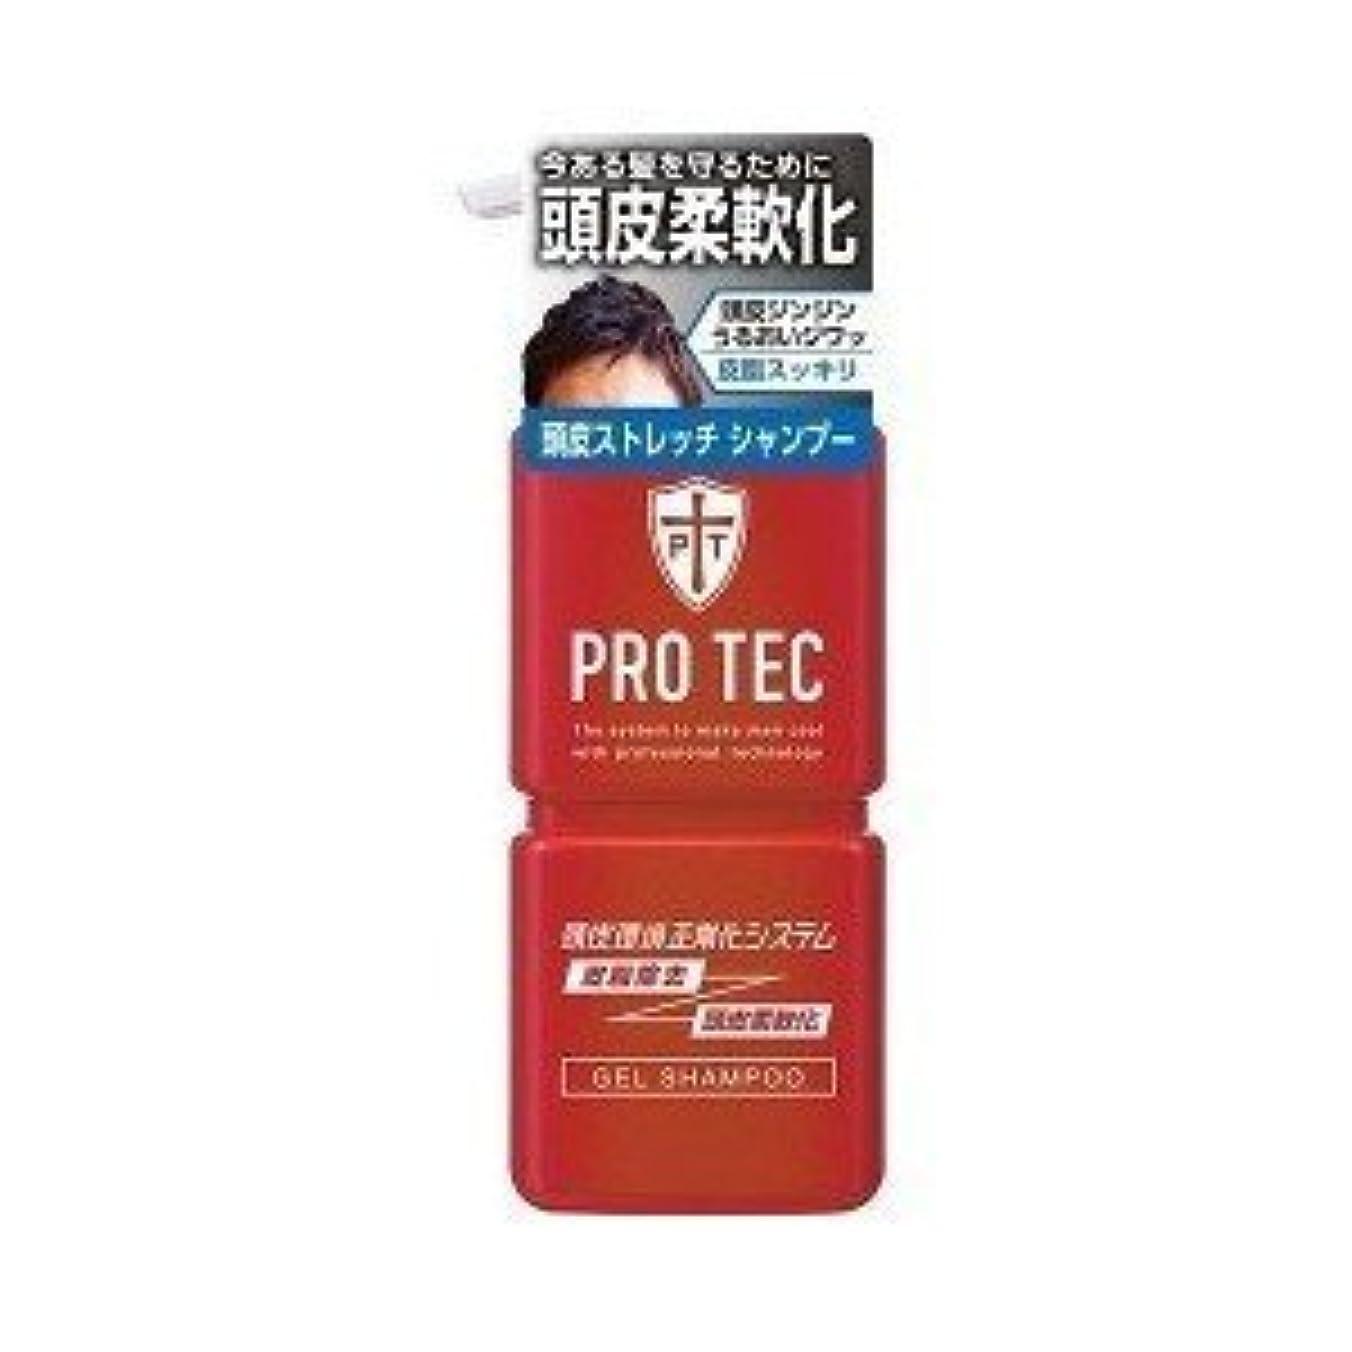 司教症候群代替(ライオン)PRO TEC(プロテク) 頭皮ストレッチ シャンプー ポンプ 300g(医薬部外品)